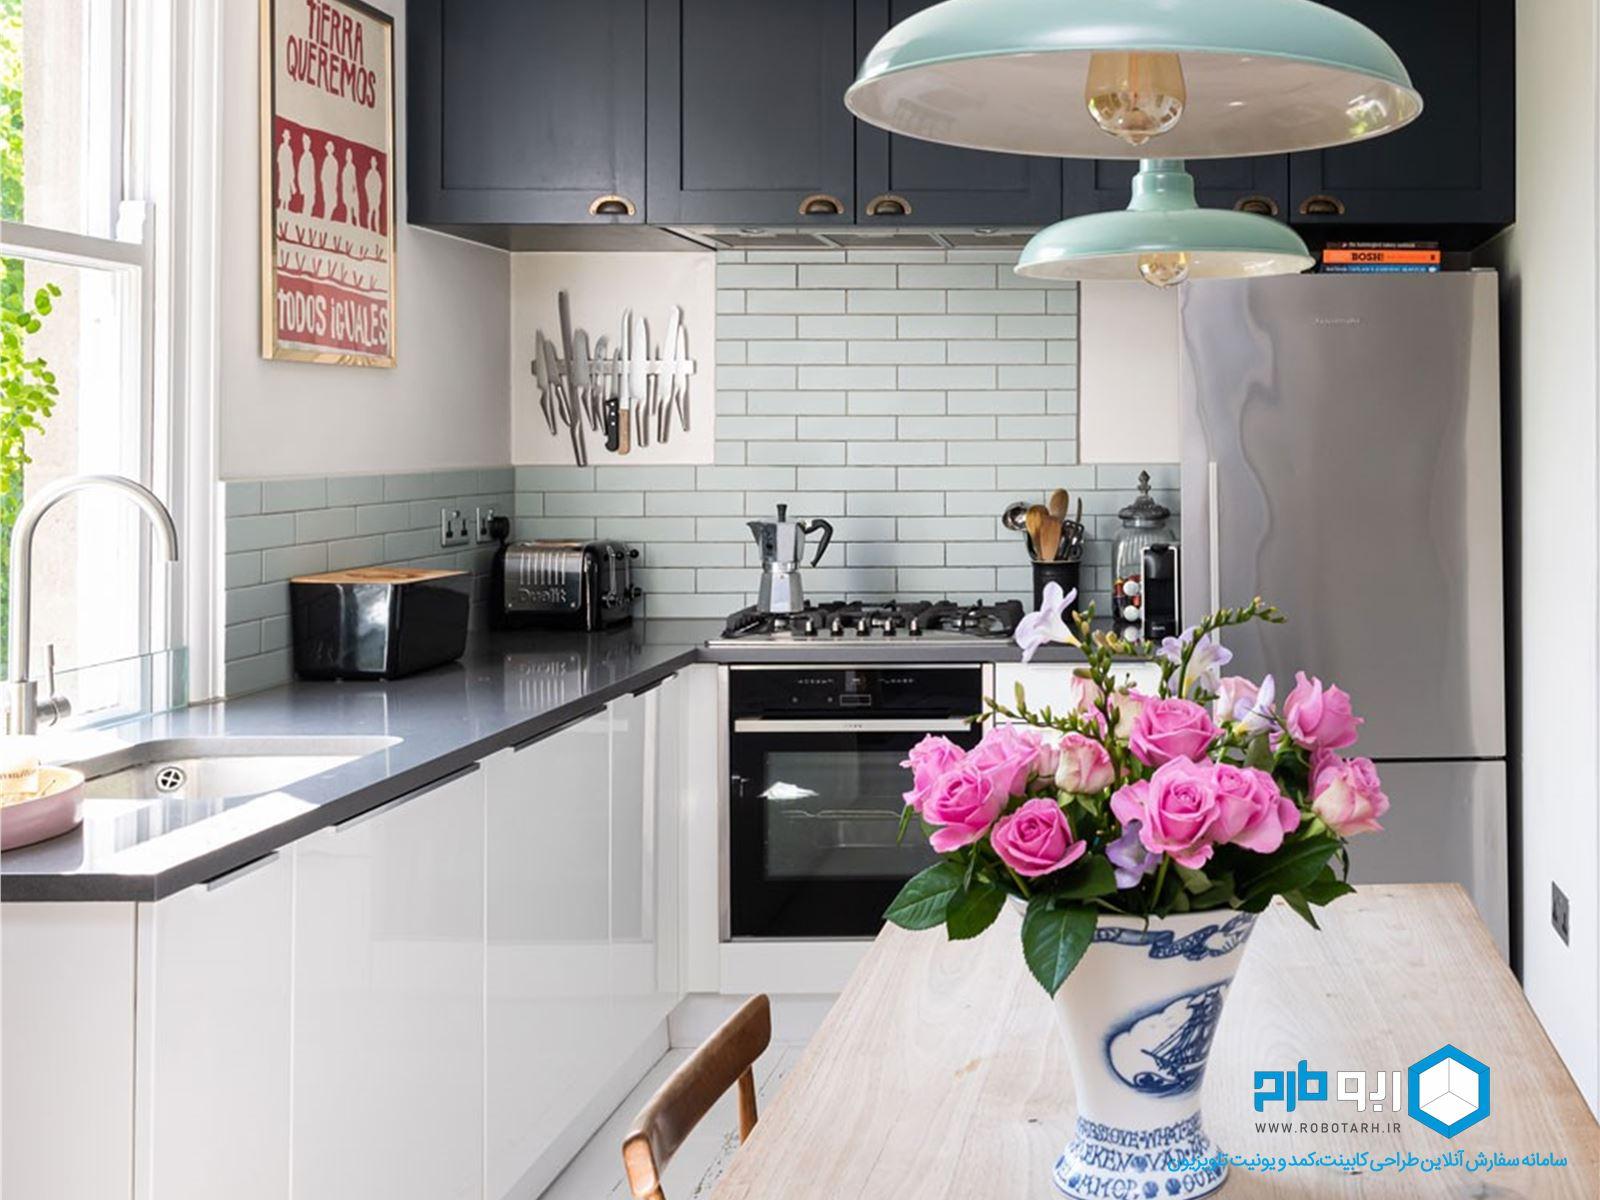 مثلث کار در آشپزخانه با چیدمان ال